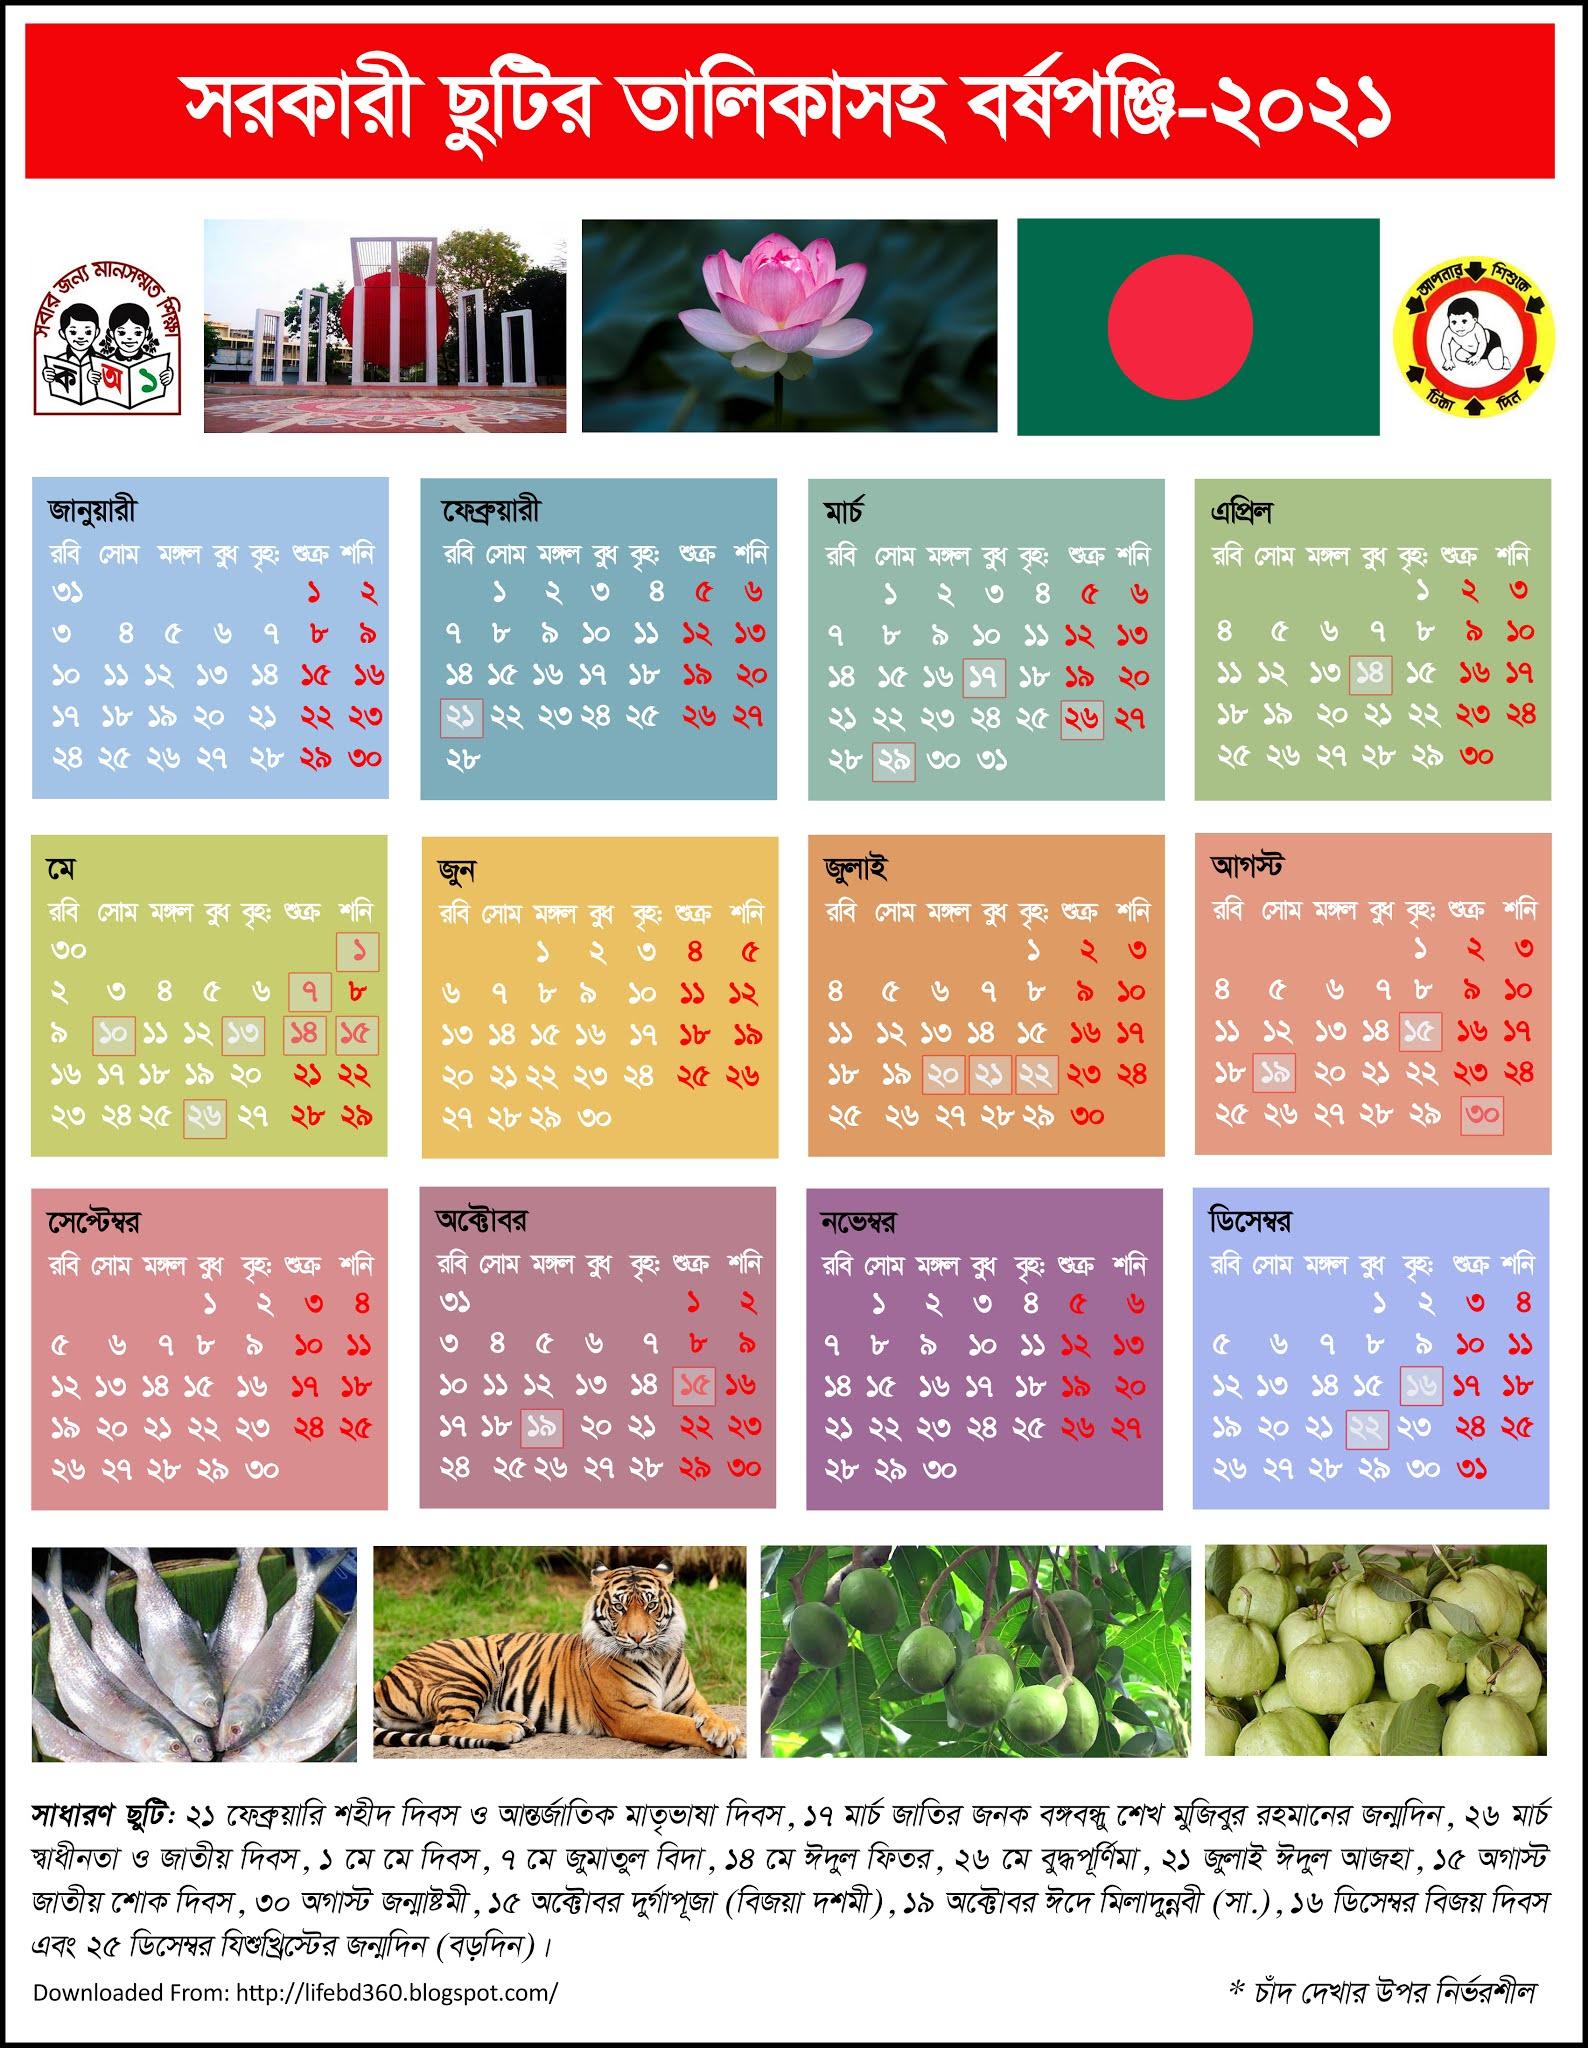 Bangladesh Calendar 2021 Images